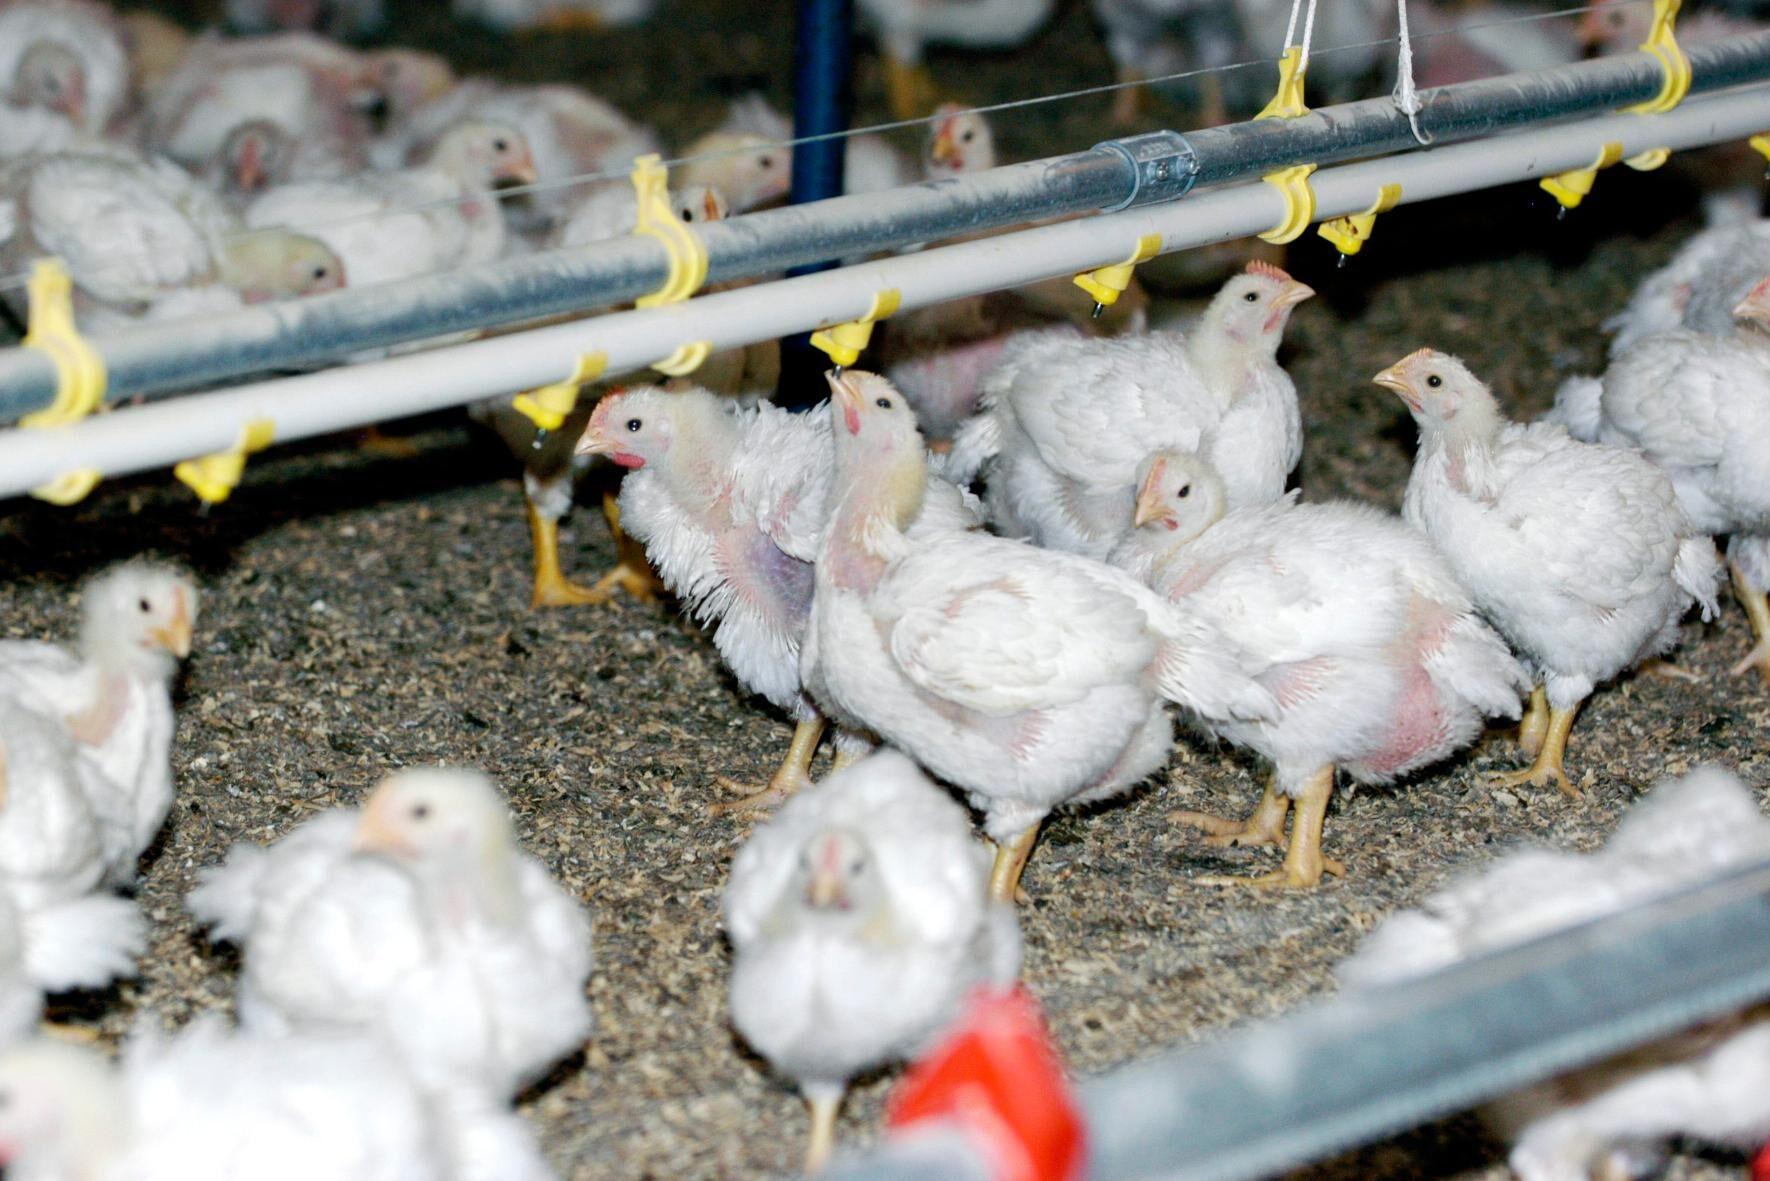 Utbrottet av fågelinfluensan fortsätter. Senast att drabbas är en gård med slaktkycklingar. Arkivbild.